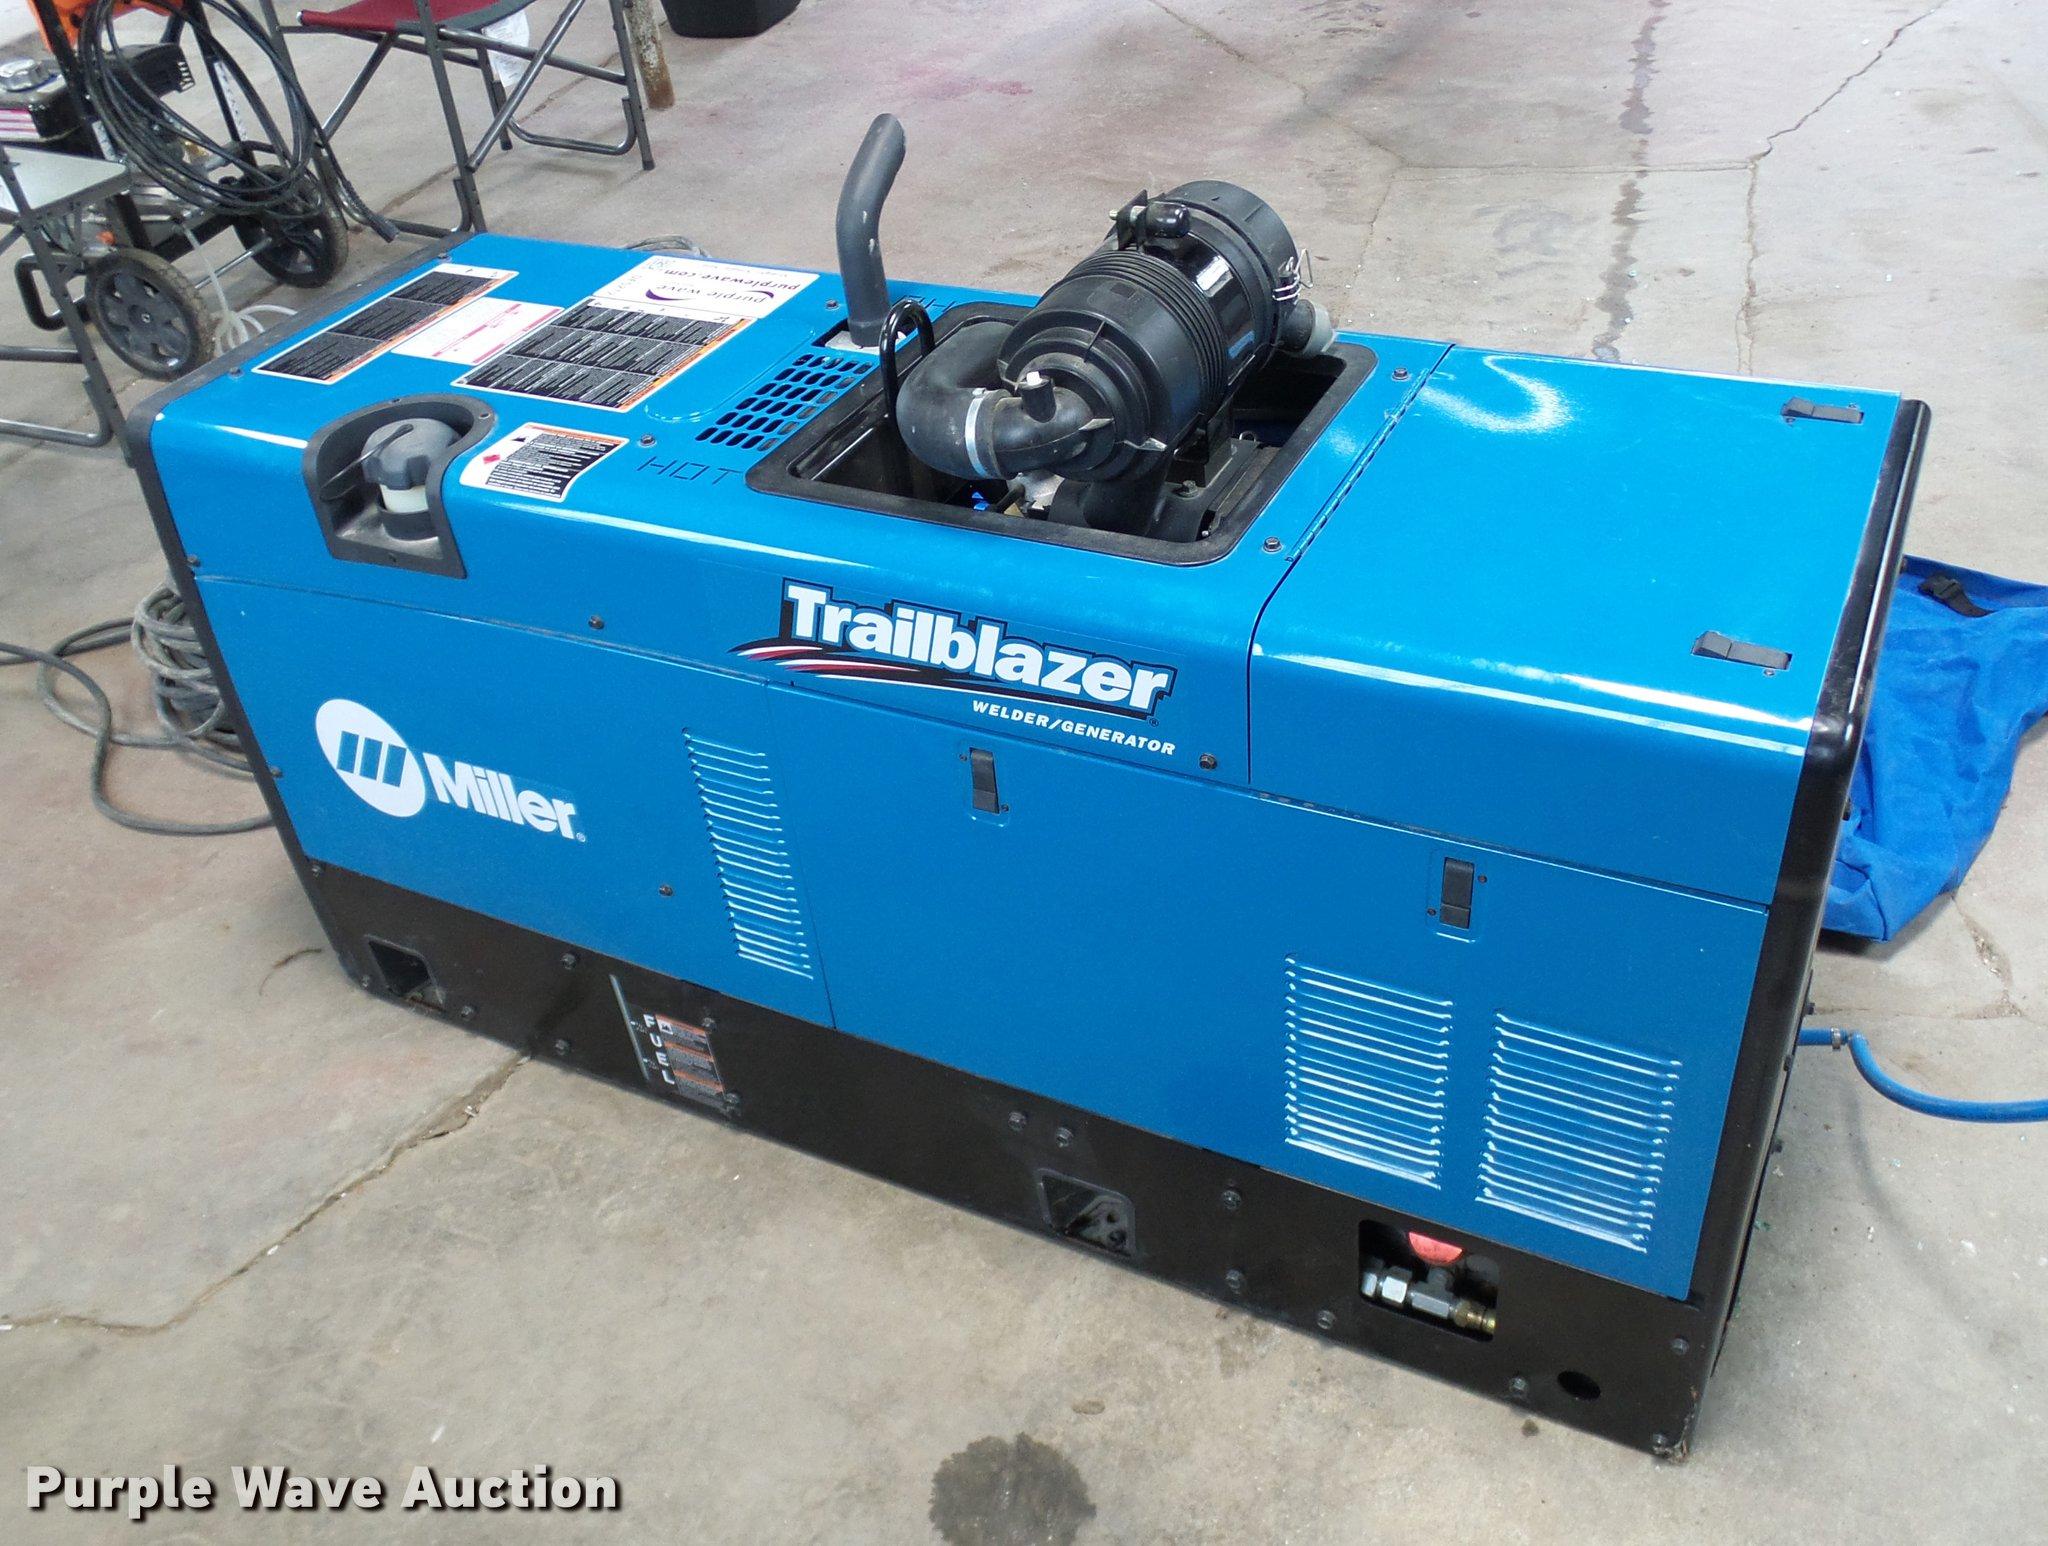 2017 Miller Trailblazer 302 Air Pak Welder Generator With